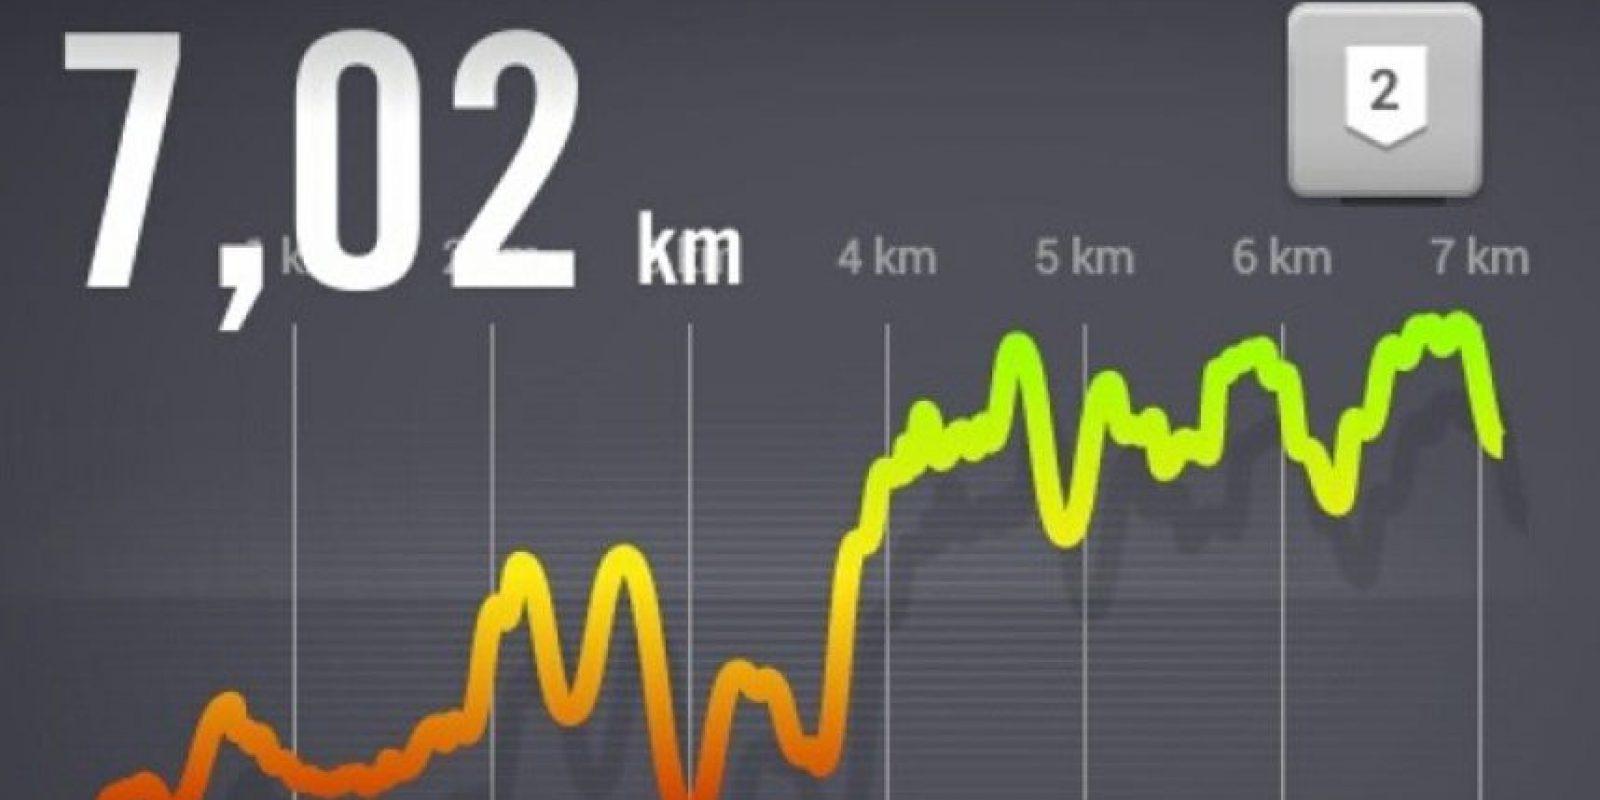 También pueden usarse para hacer ejercicio. Hay aplicaciones que te indican las rutinas que debes hacer para trabajar alguna parte del cuerpo, otras te cuentan los kilómetros recorridos y además, permiten compartir tus logros en redes sociales. Foto:Vía instagram.com/santiagoc21